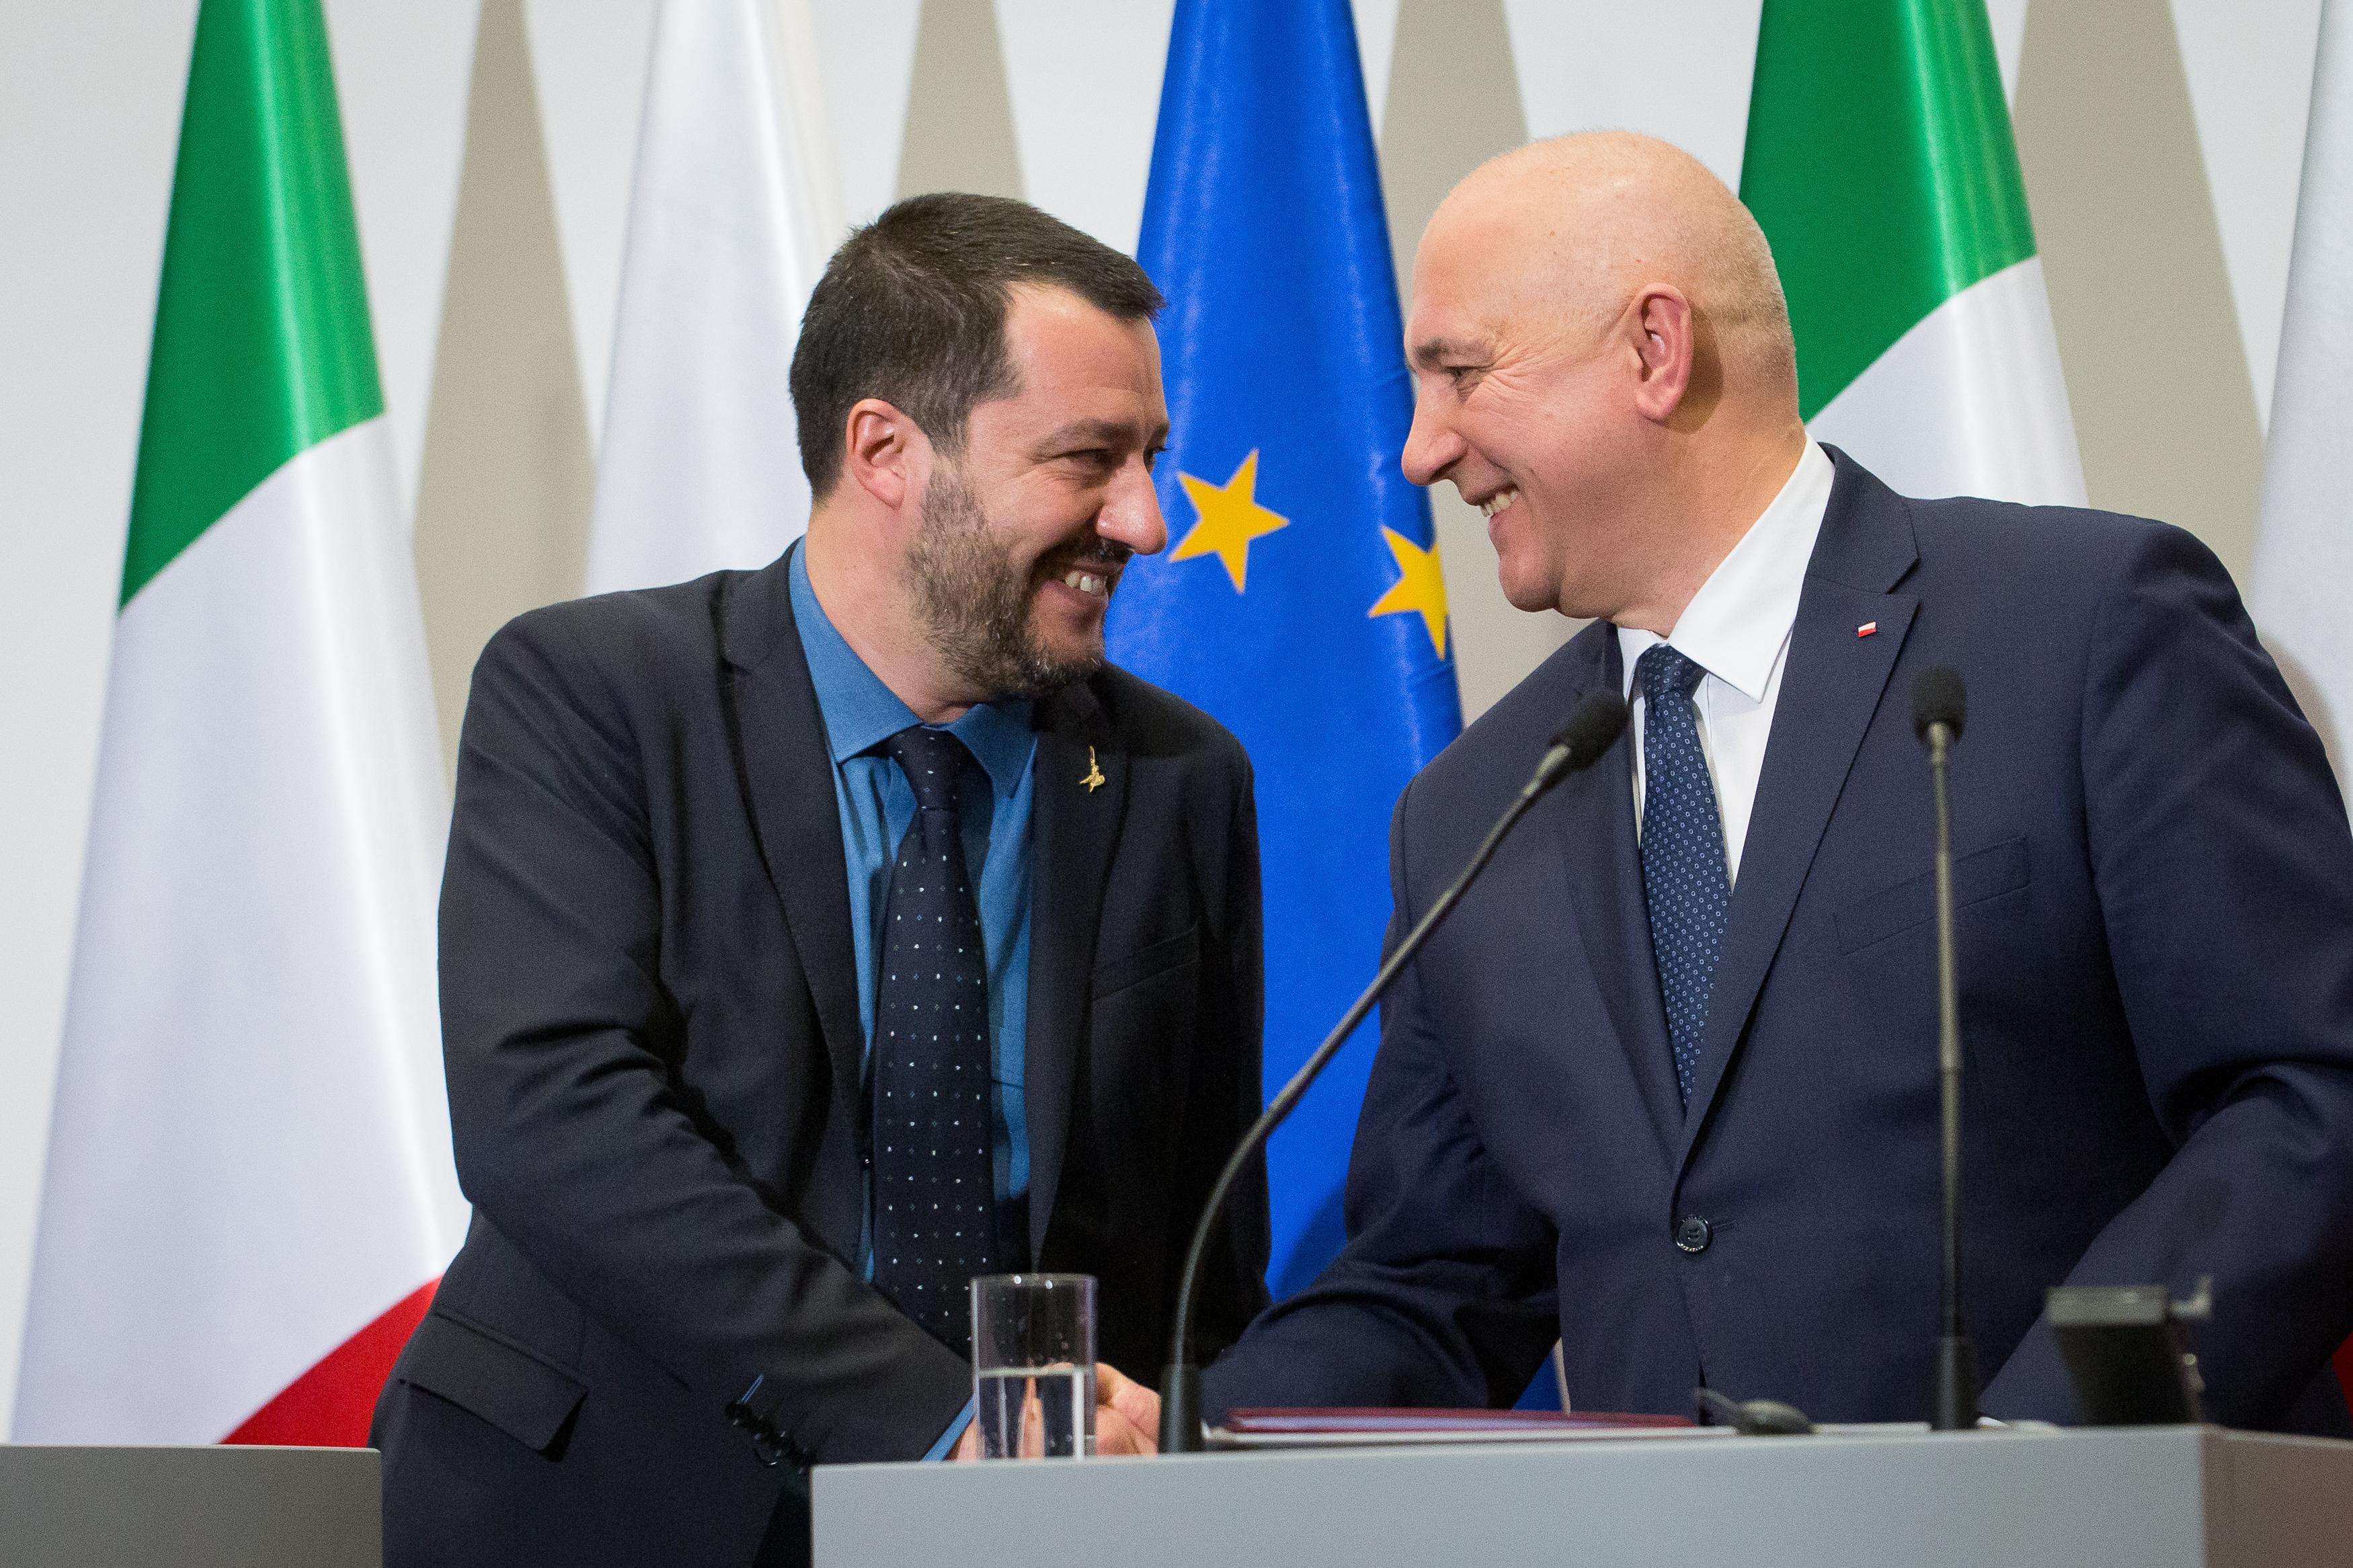 Salvini szerint Róma és Varsó jelentheti az új európai egyensúlyt a francia-német tengely helyett